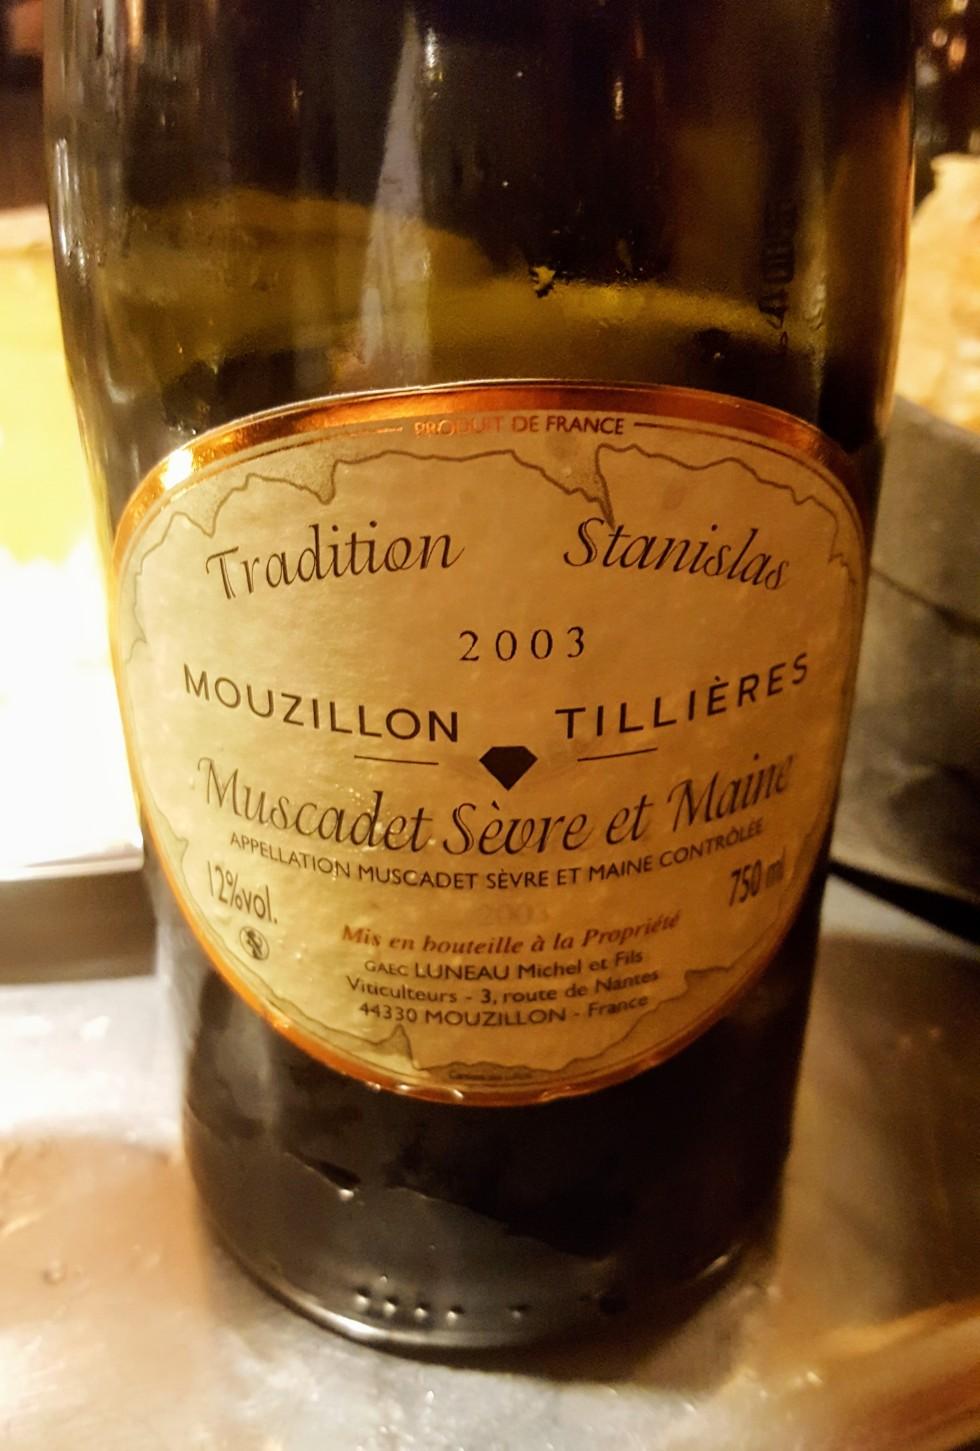 Mouzillon Tillières.jpg